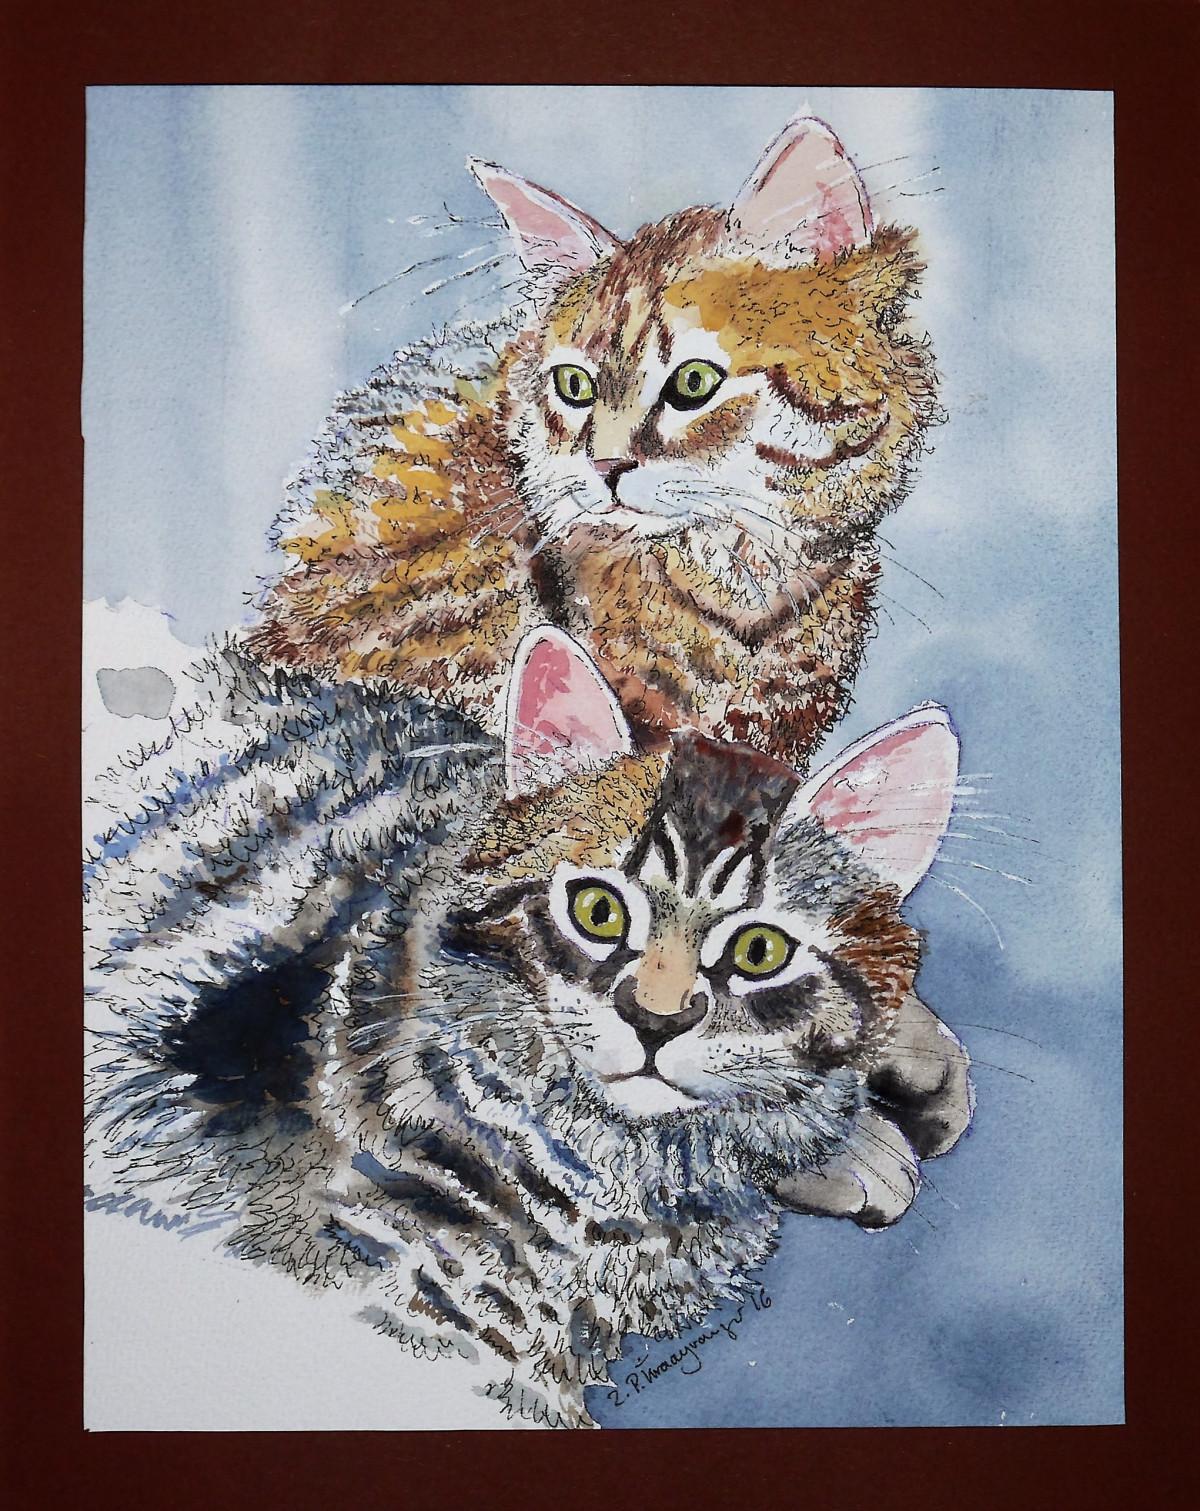 Koleksi Gambar Sketsa Kucing Duduk